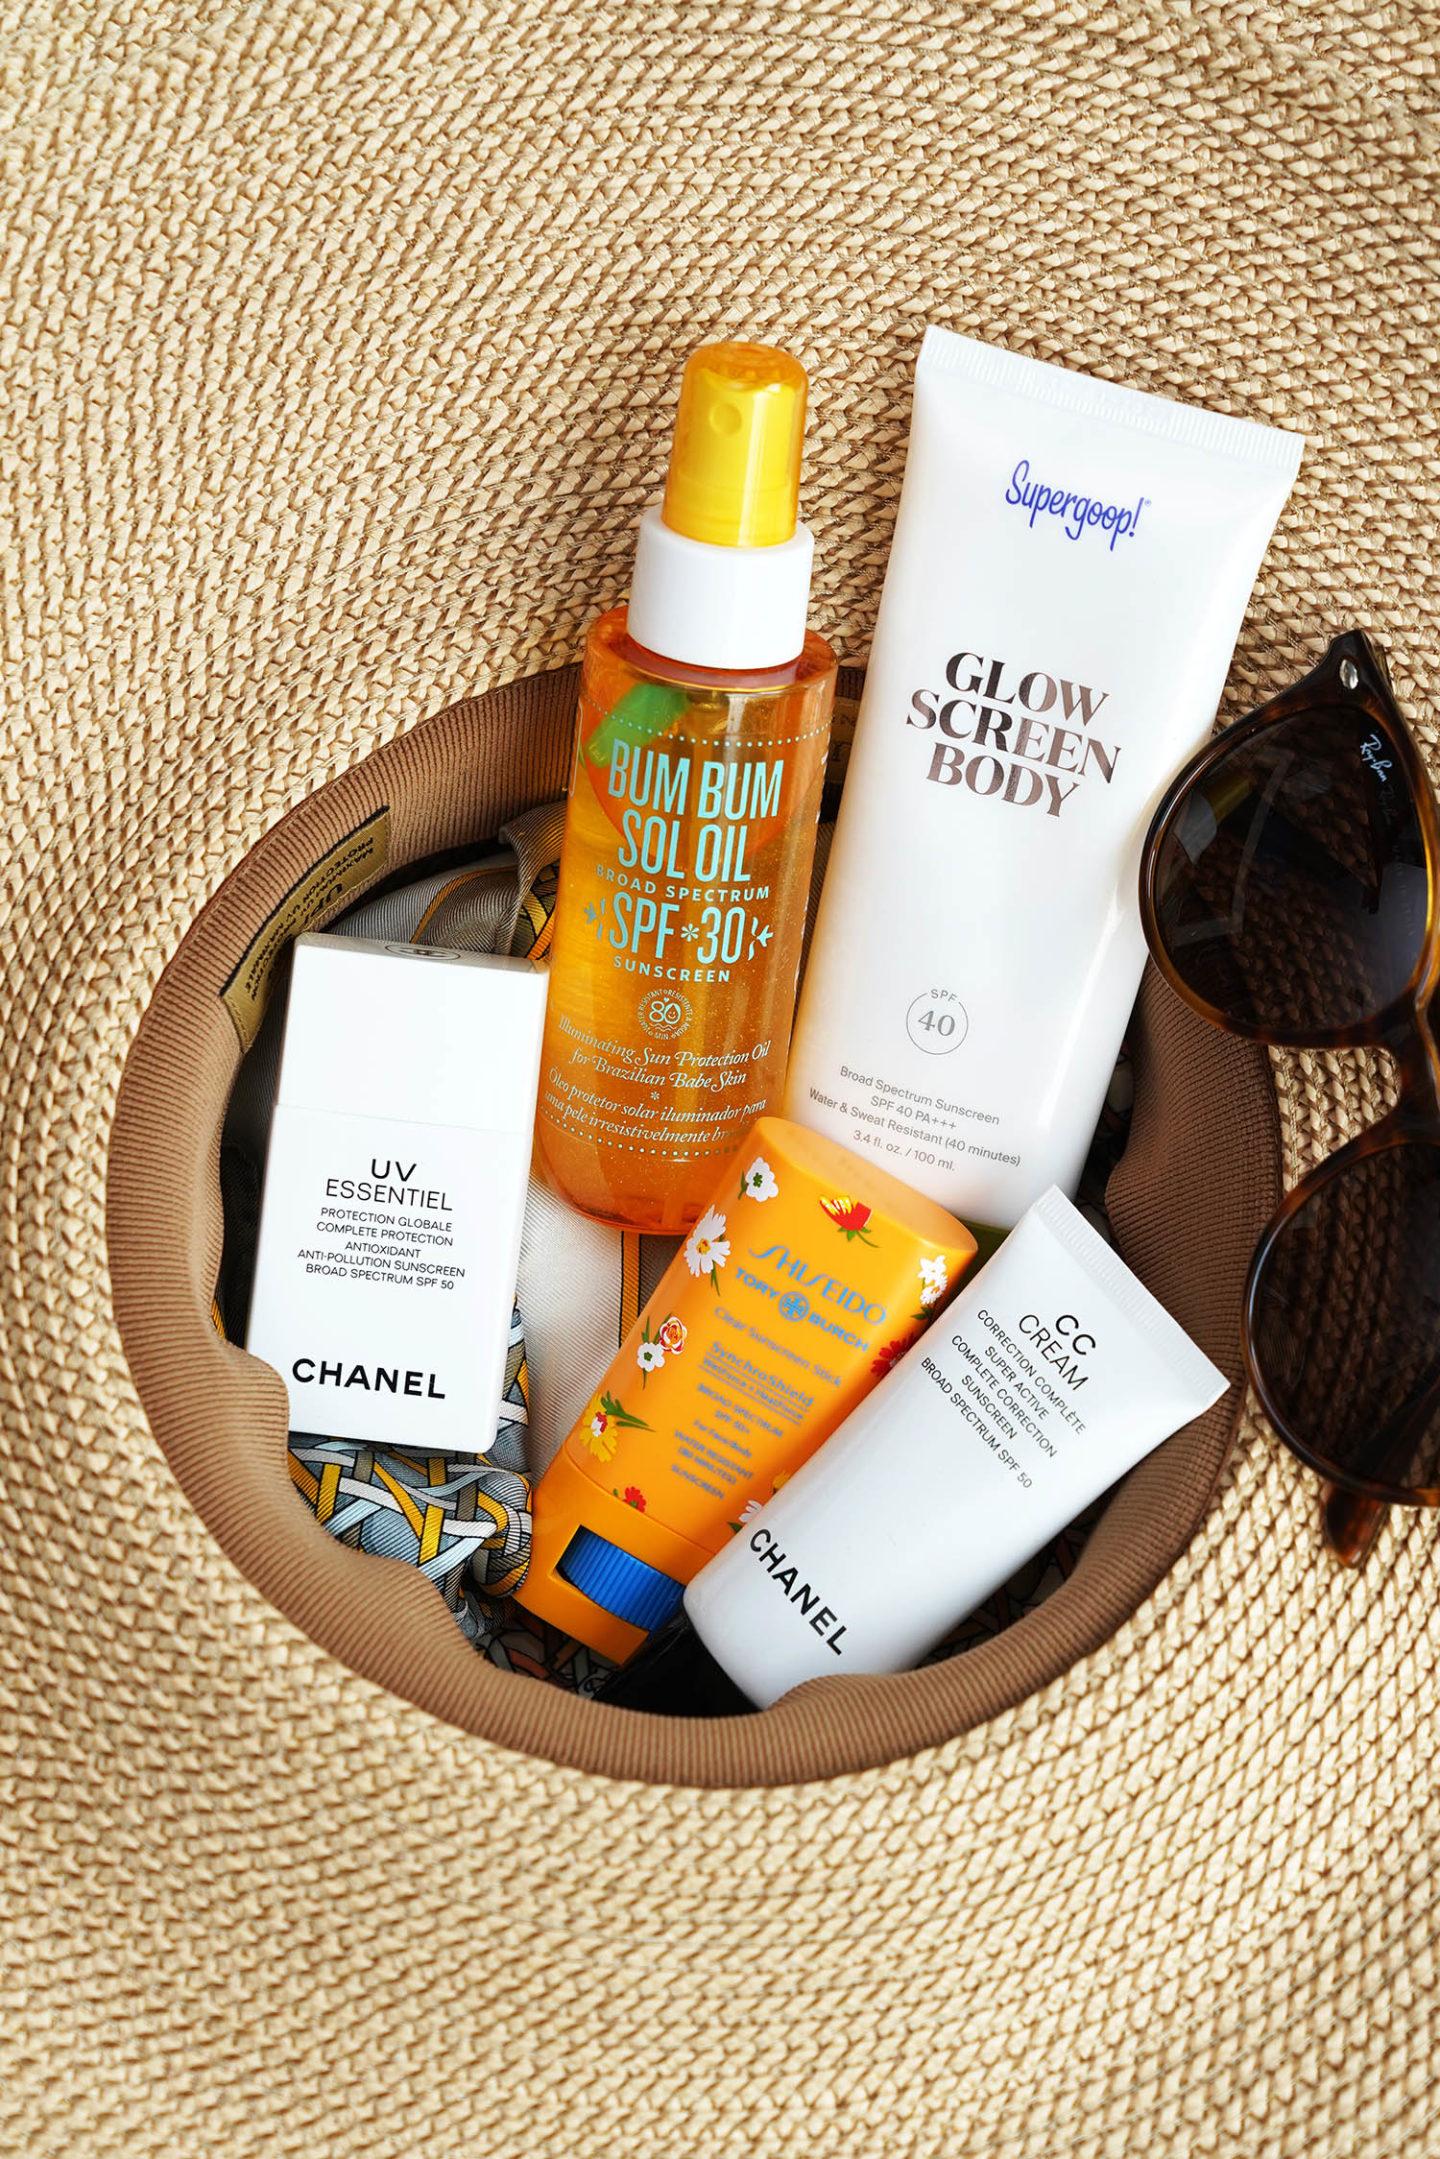 Meilleurs écrans solaires d'été Shiseido, Supergoop!  Sun Bum, Sol de Janeiro